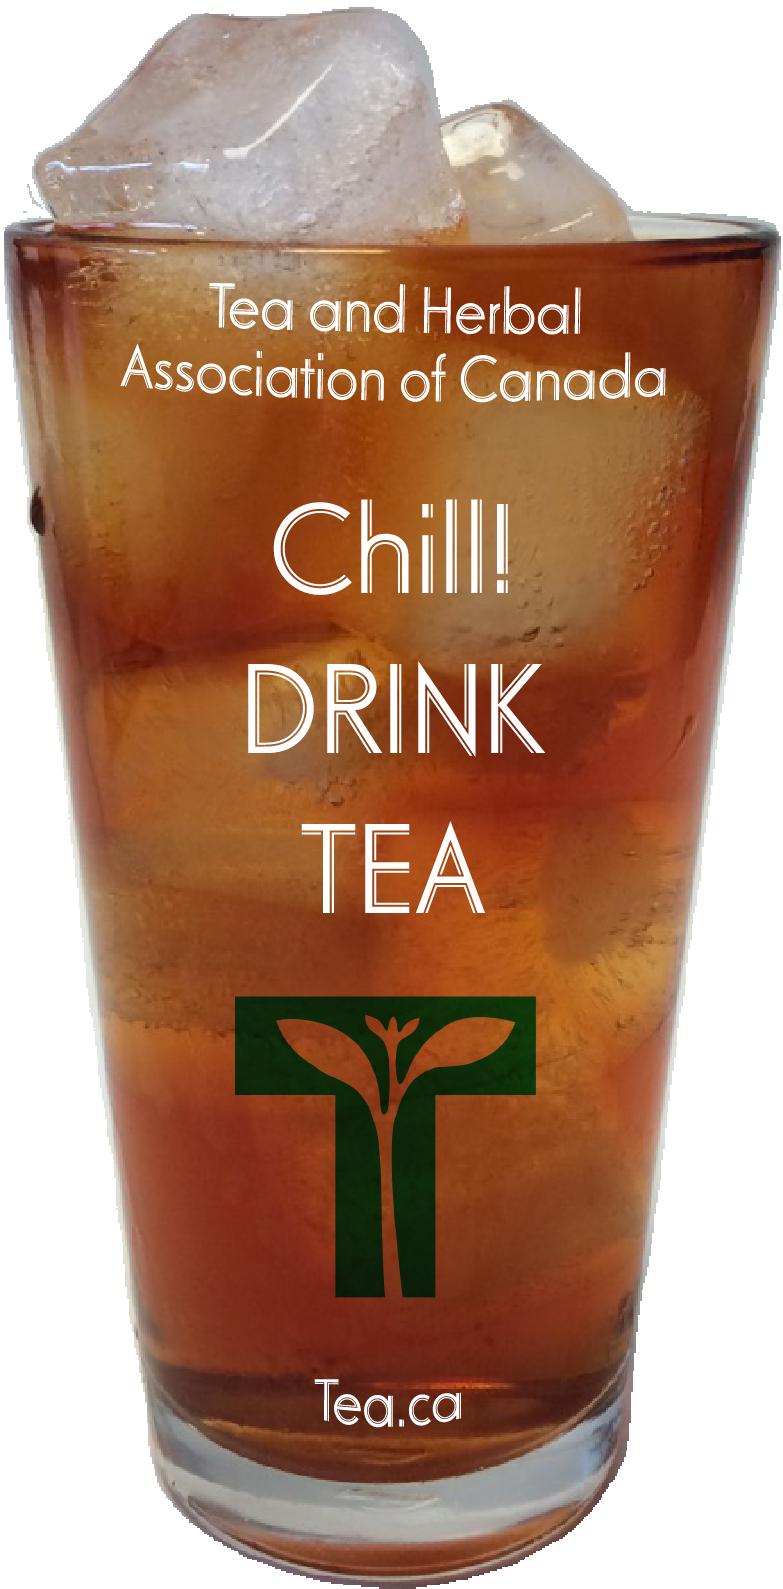 Chill! Drink Tea